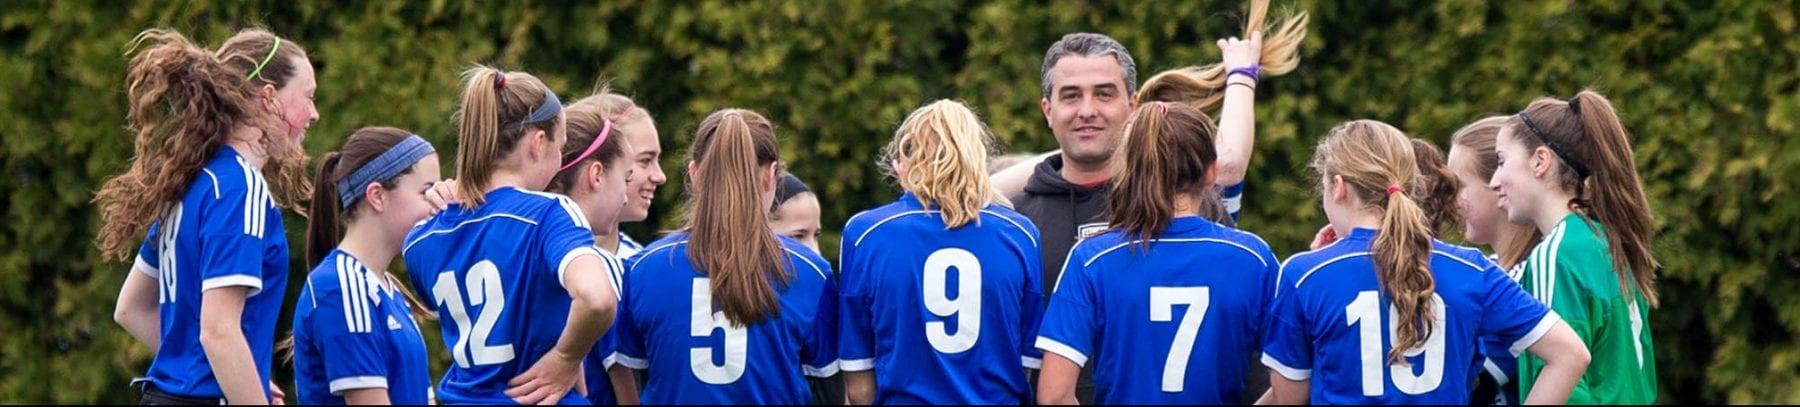 Beachside Soccer Club U14G Team